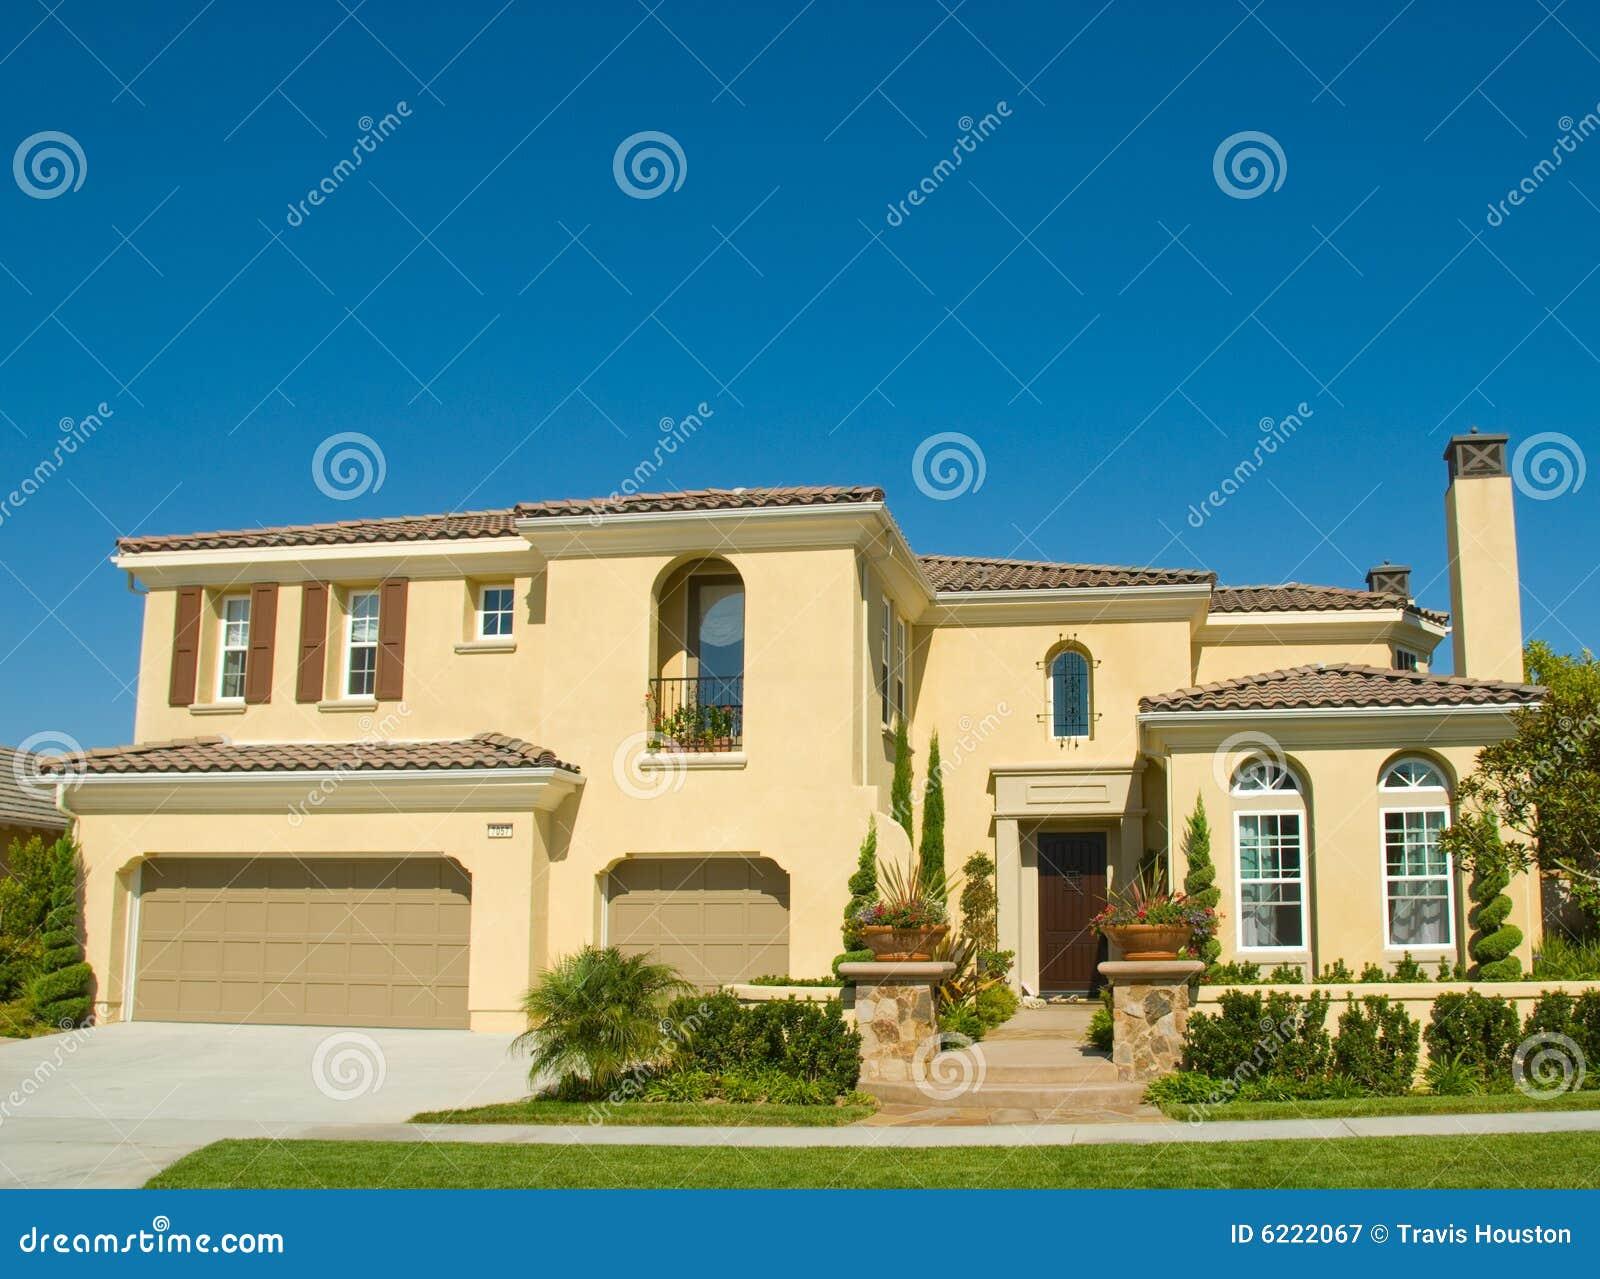 Het perfecte huis van het beeld in de gemeenschap van nice royalty vrije stock fotografie - Beeld van eigentijds huis ...